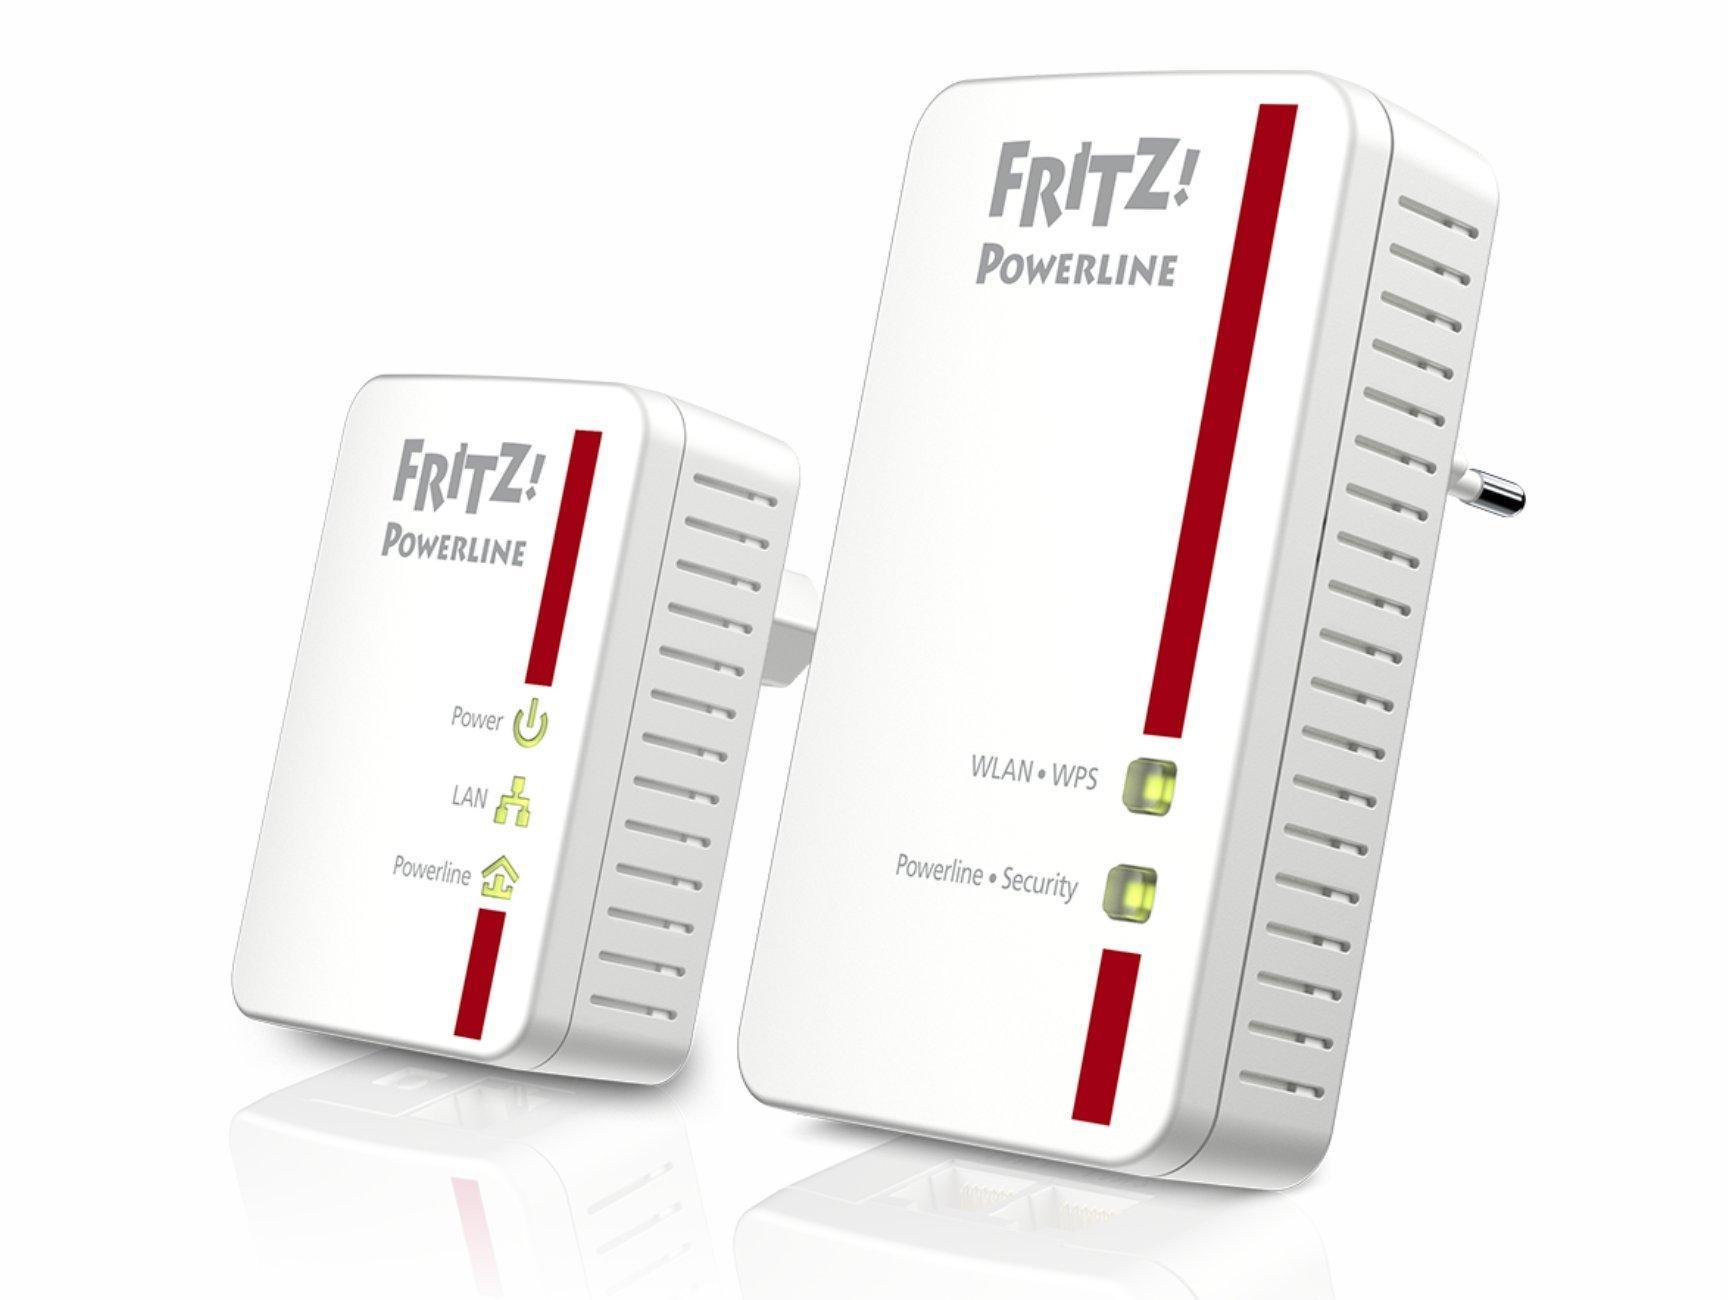 Fritz! Powerline 540E TV Adaptér LAN WiFi SmartTV